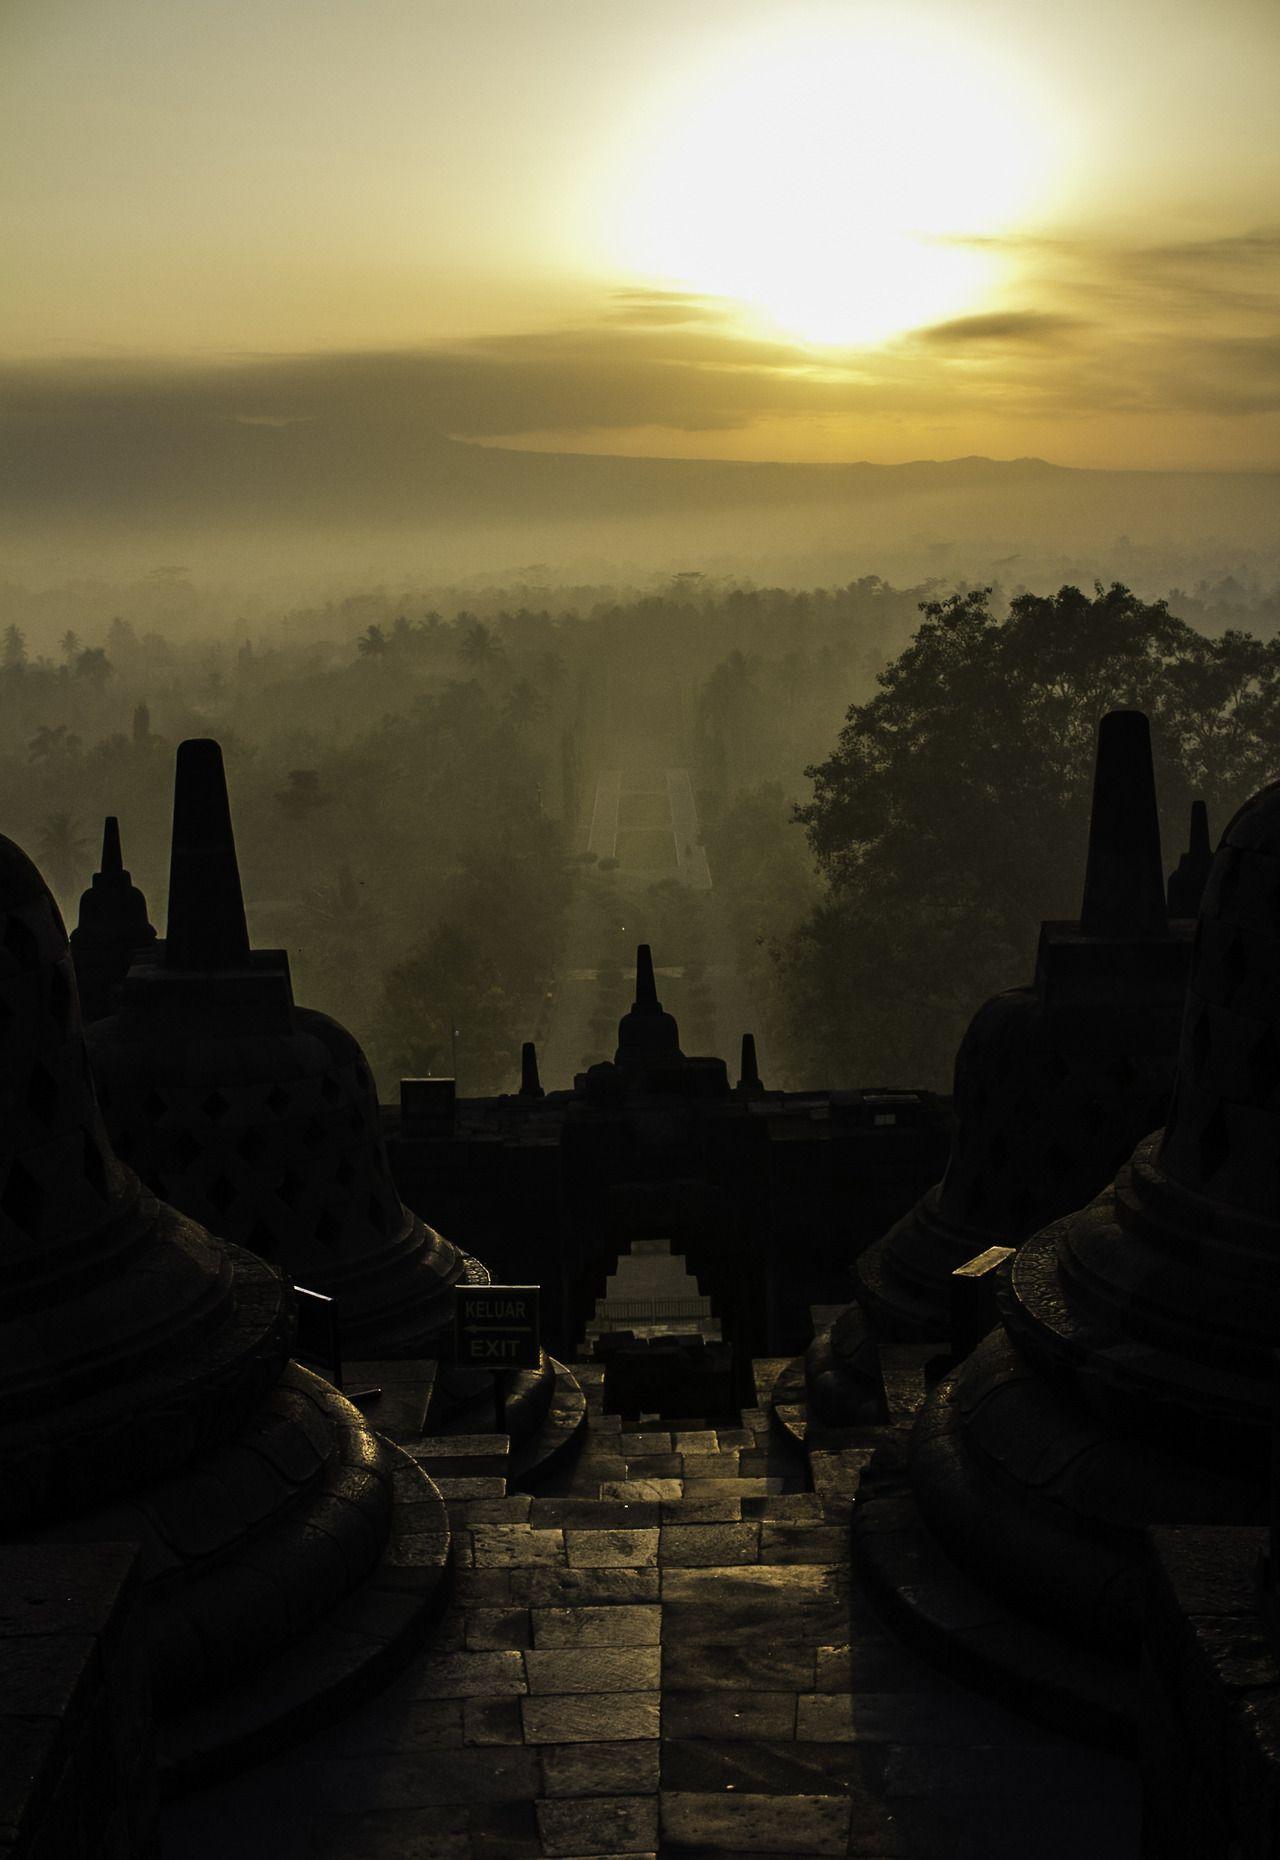 Borobudur Indonesia Borobudur, Classic architecture